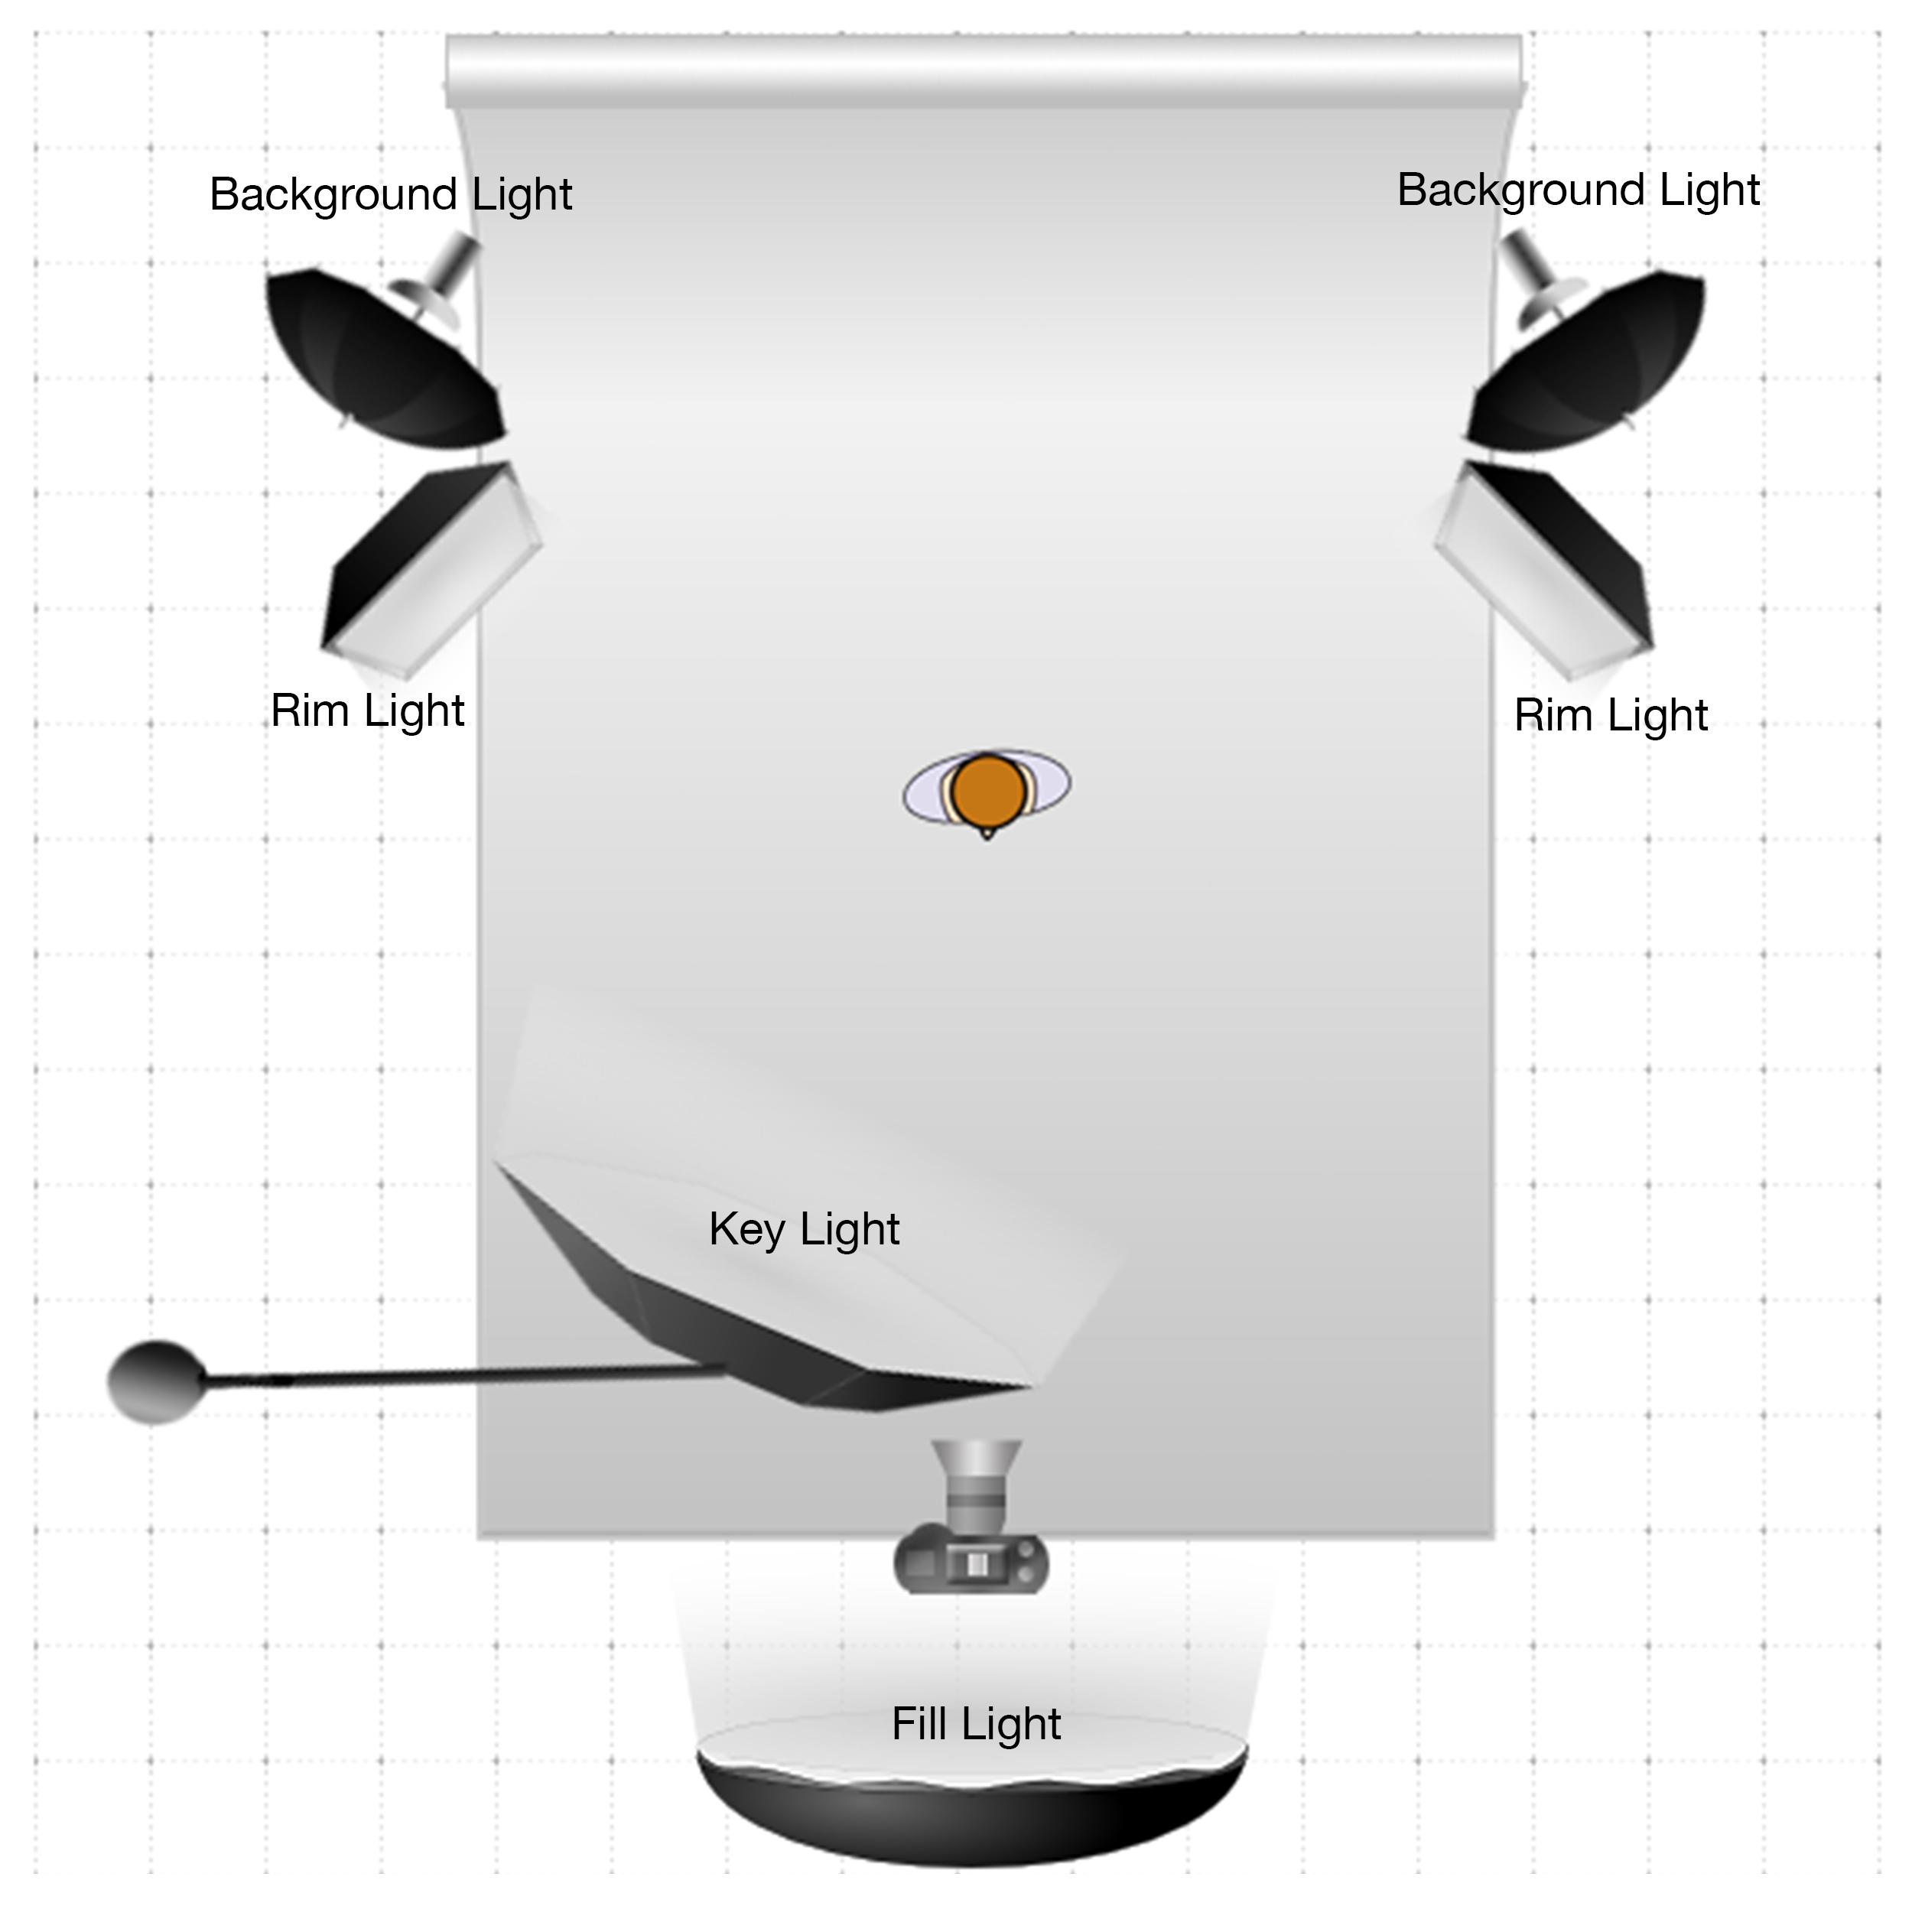 lighting-diagram-1533485095.png